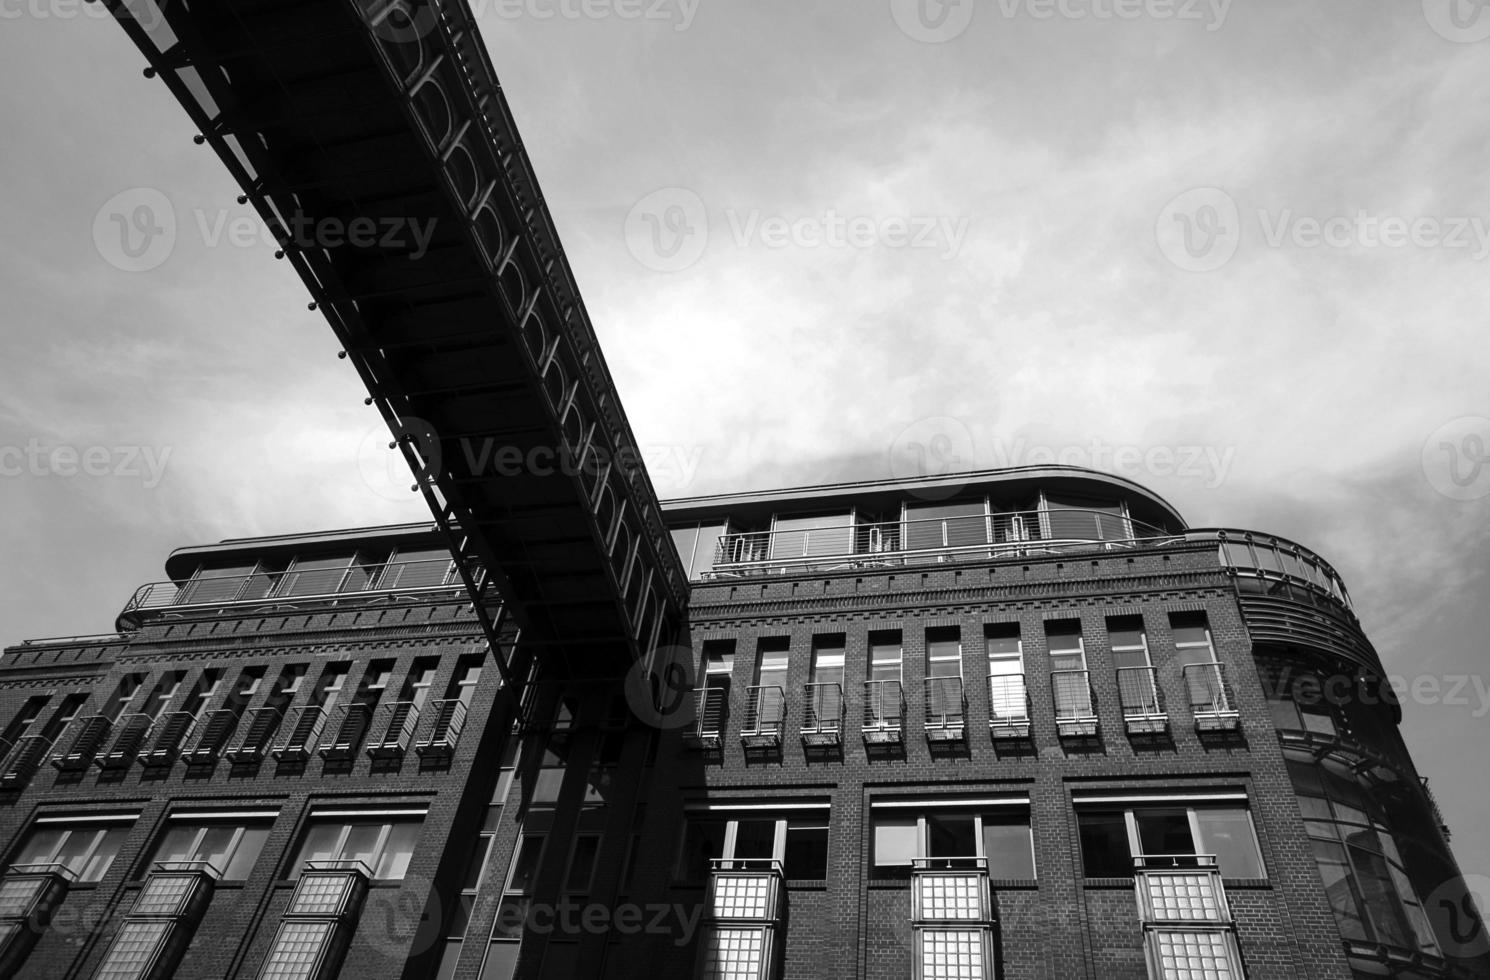 Tonfassade des Stadthauses foto